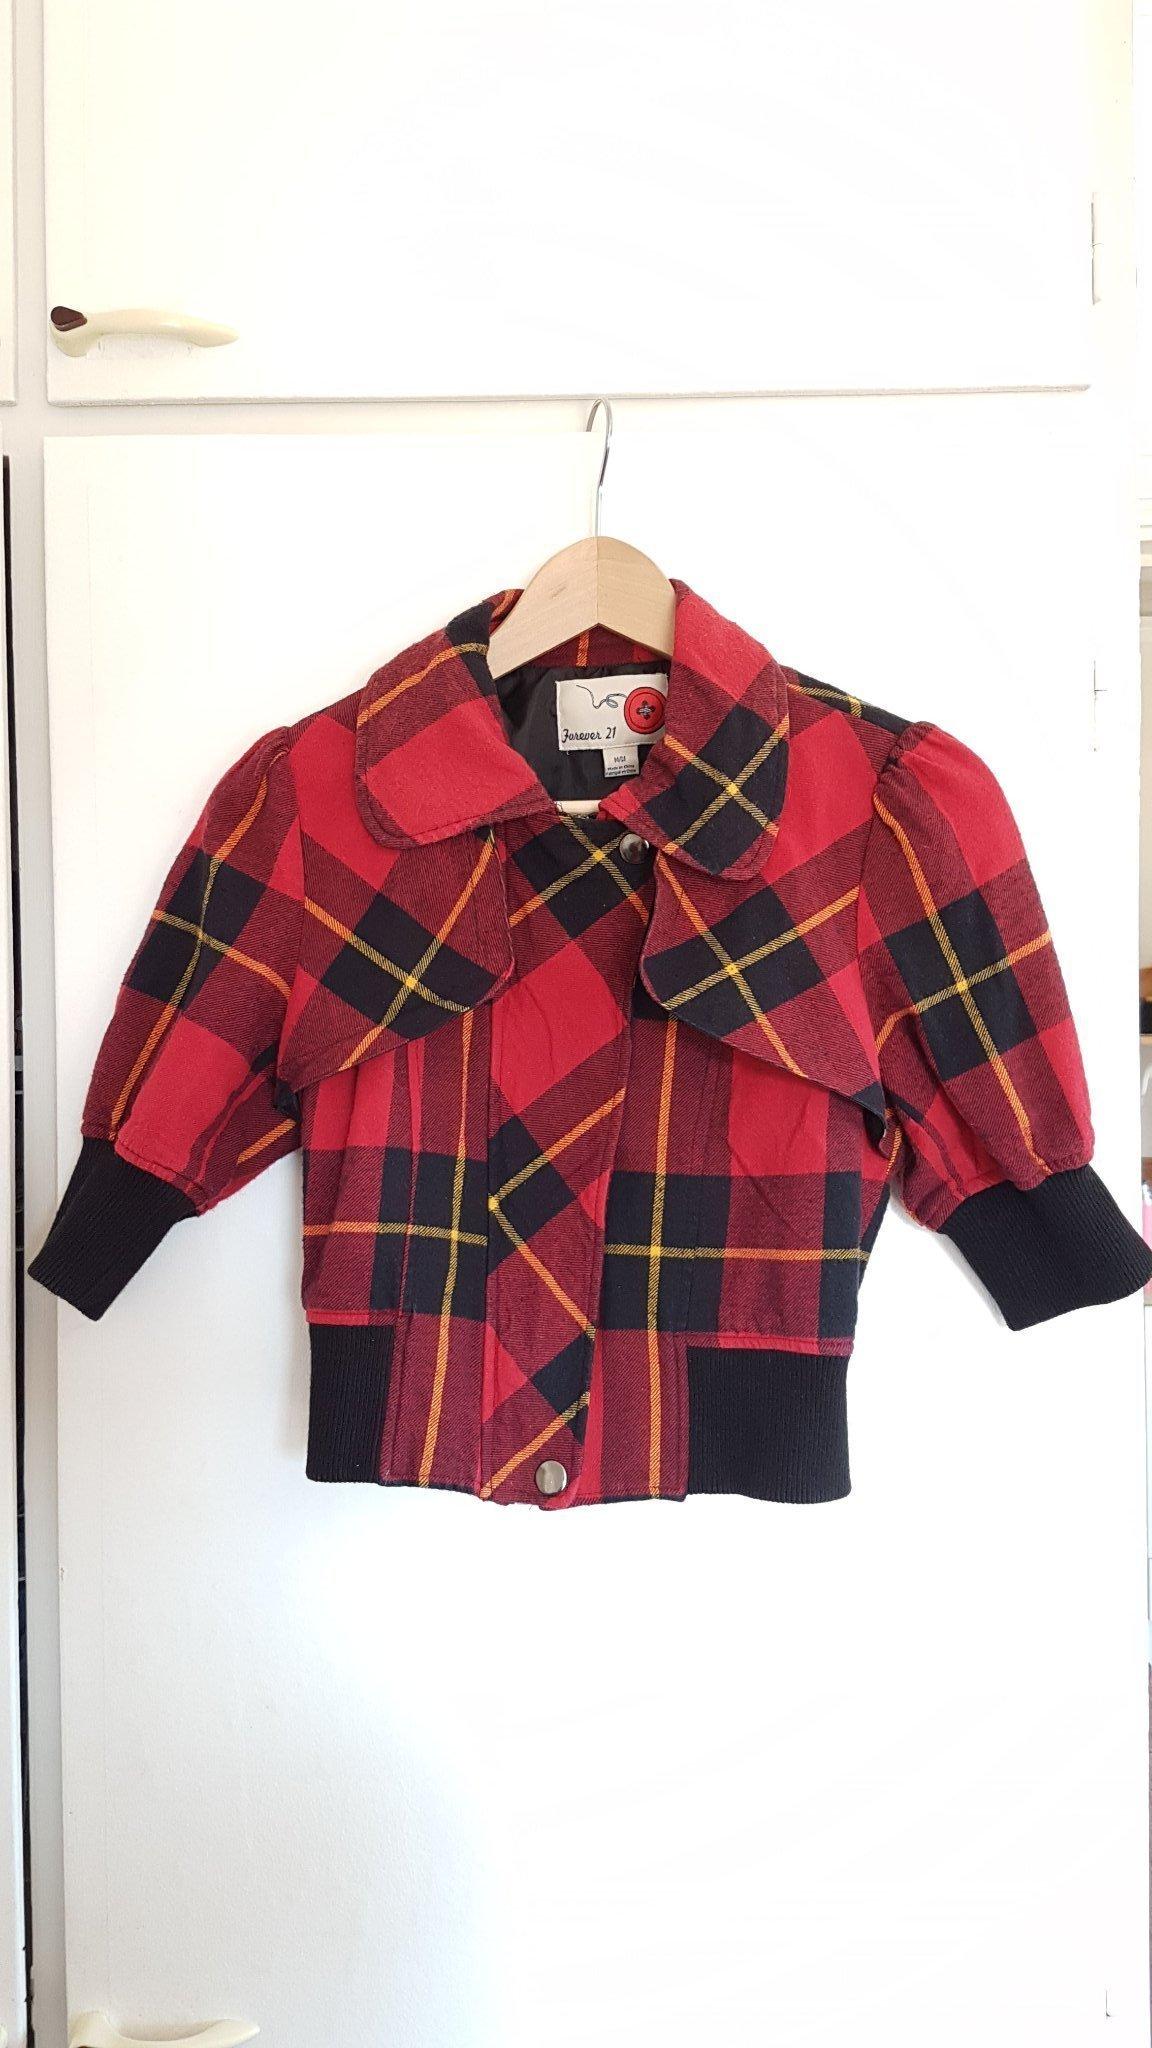 c3756ece Kort tröja, jacka, bolero i skotskrutigt och svart från Forever 21, ...